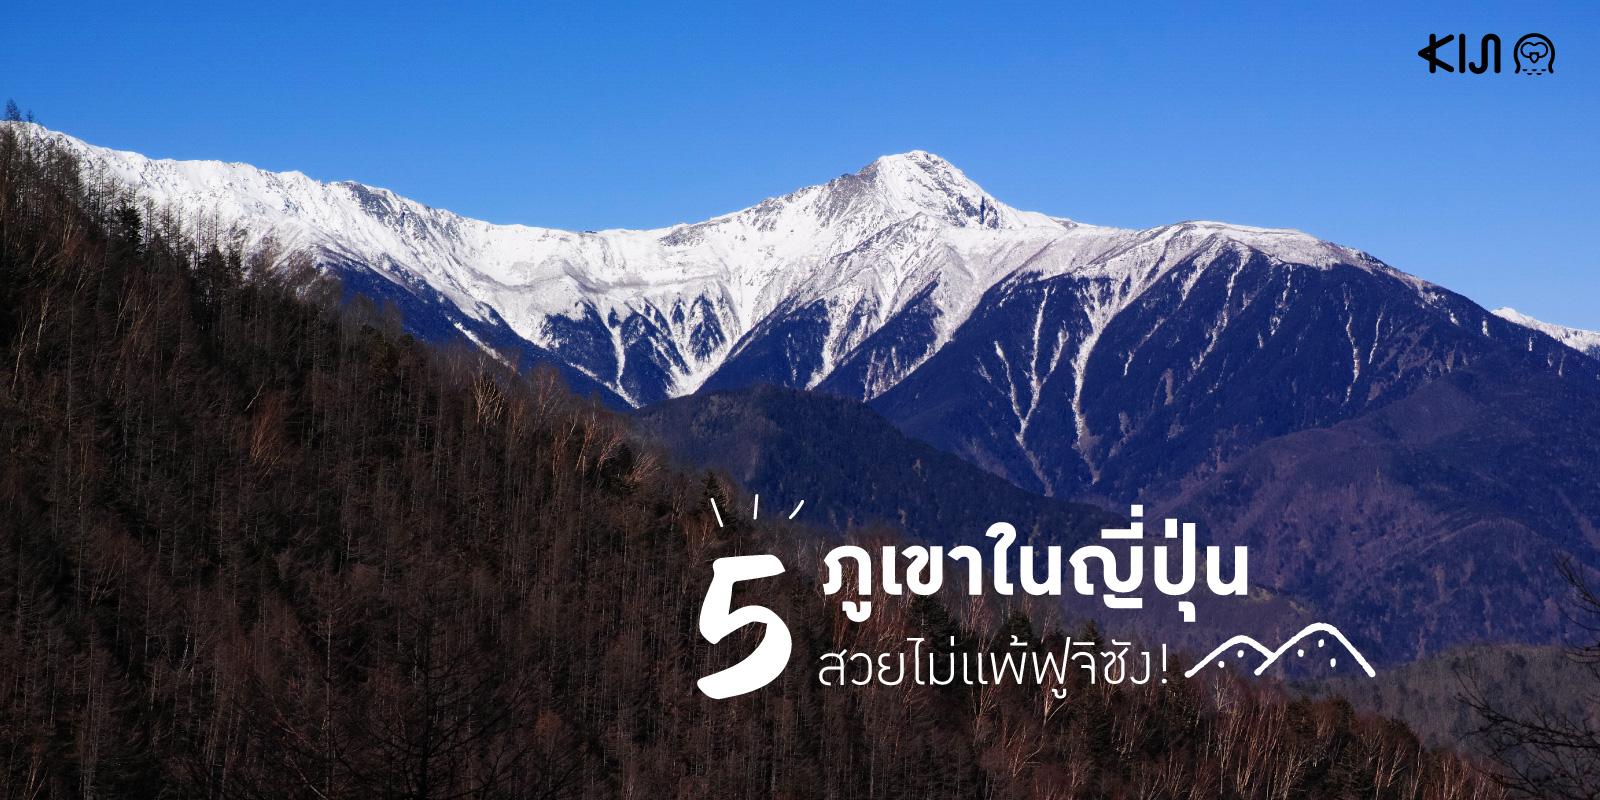 5 ภูเขาในญี่ปุ่นที่เต็มไปด้วยมนตร์เสน่ห์น่าหลงใหล